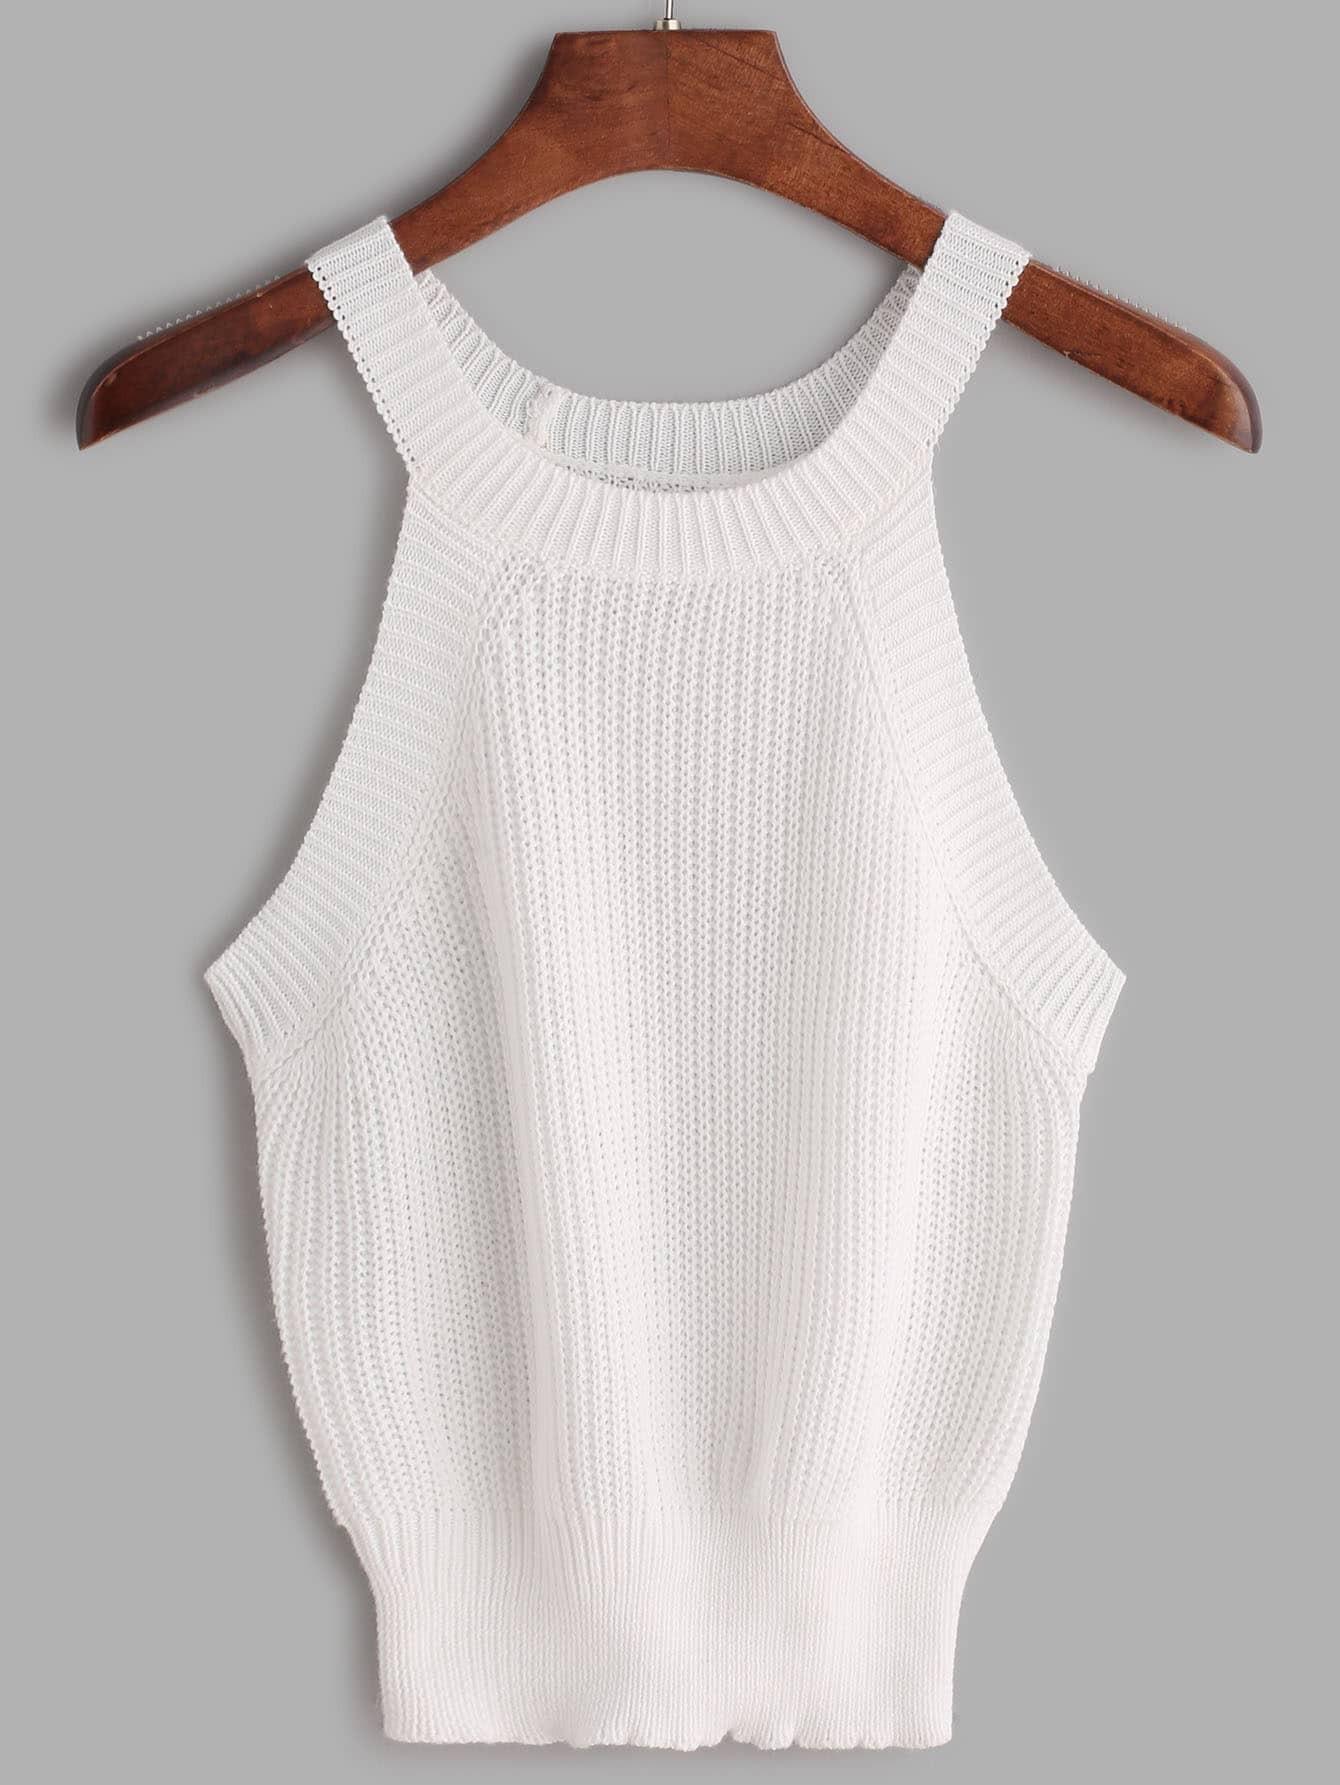 Ribbed Trim Knit Halter Neck Top vest170222451